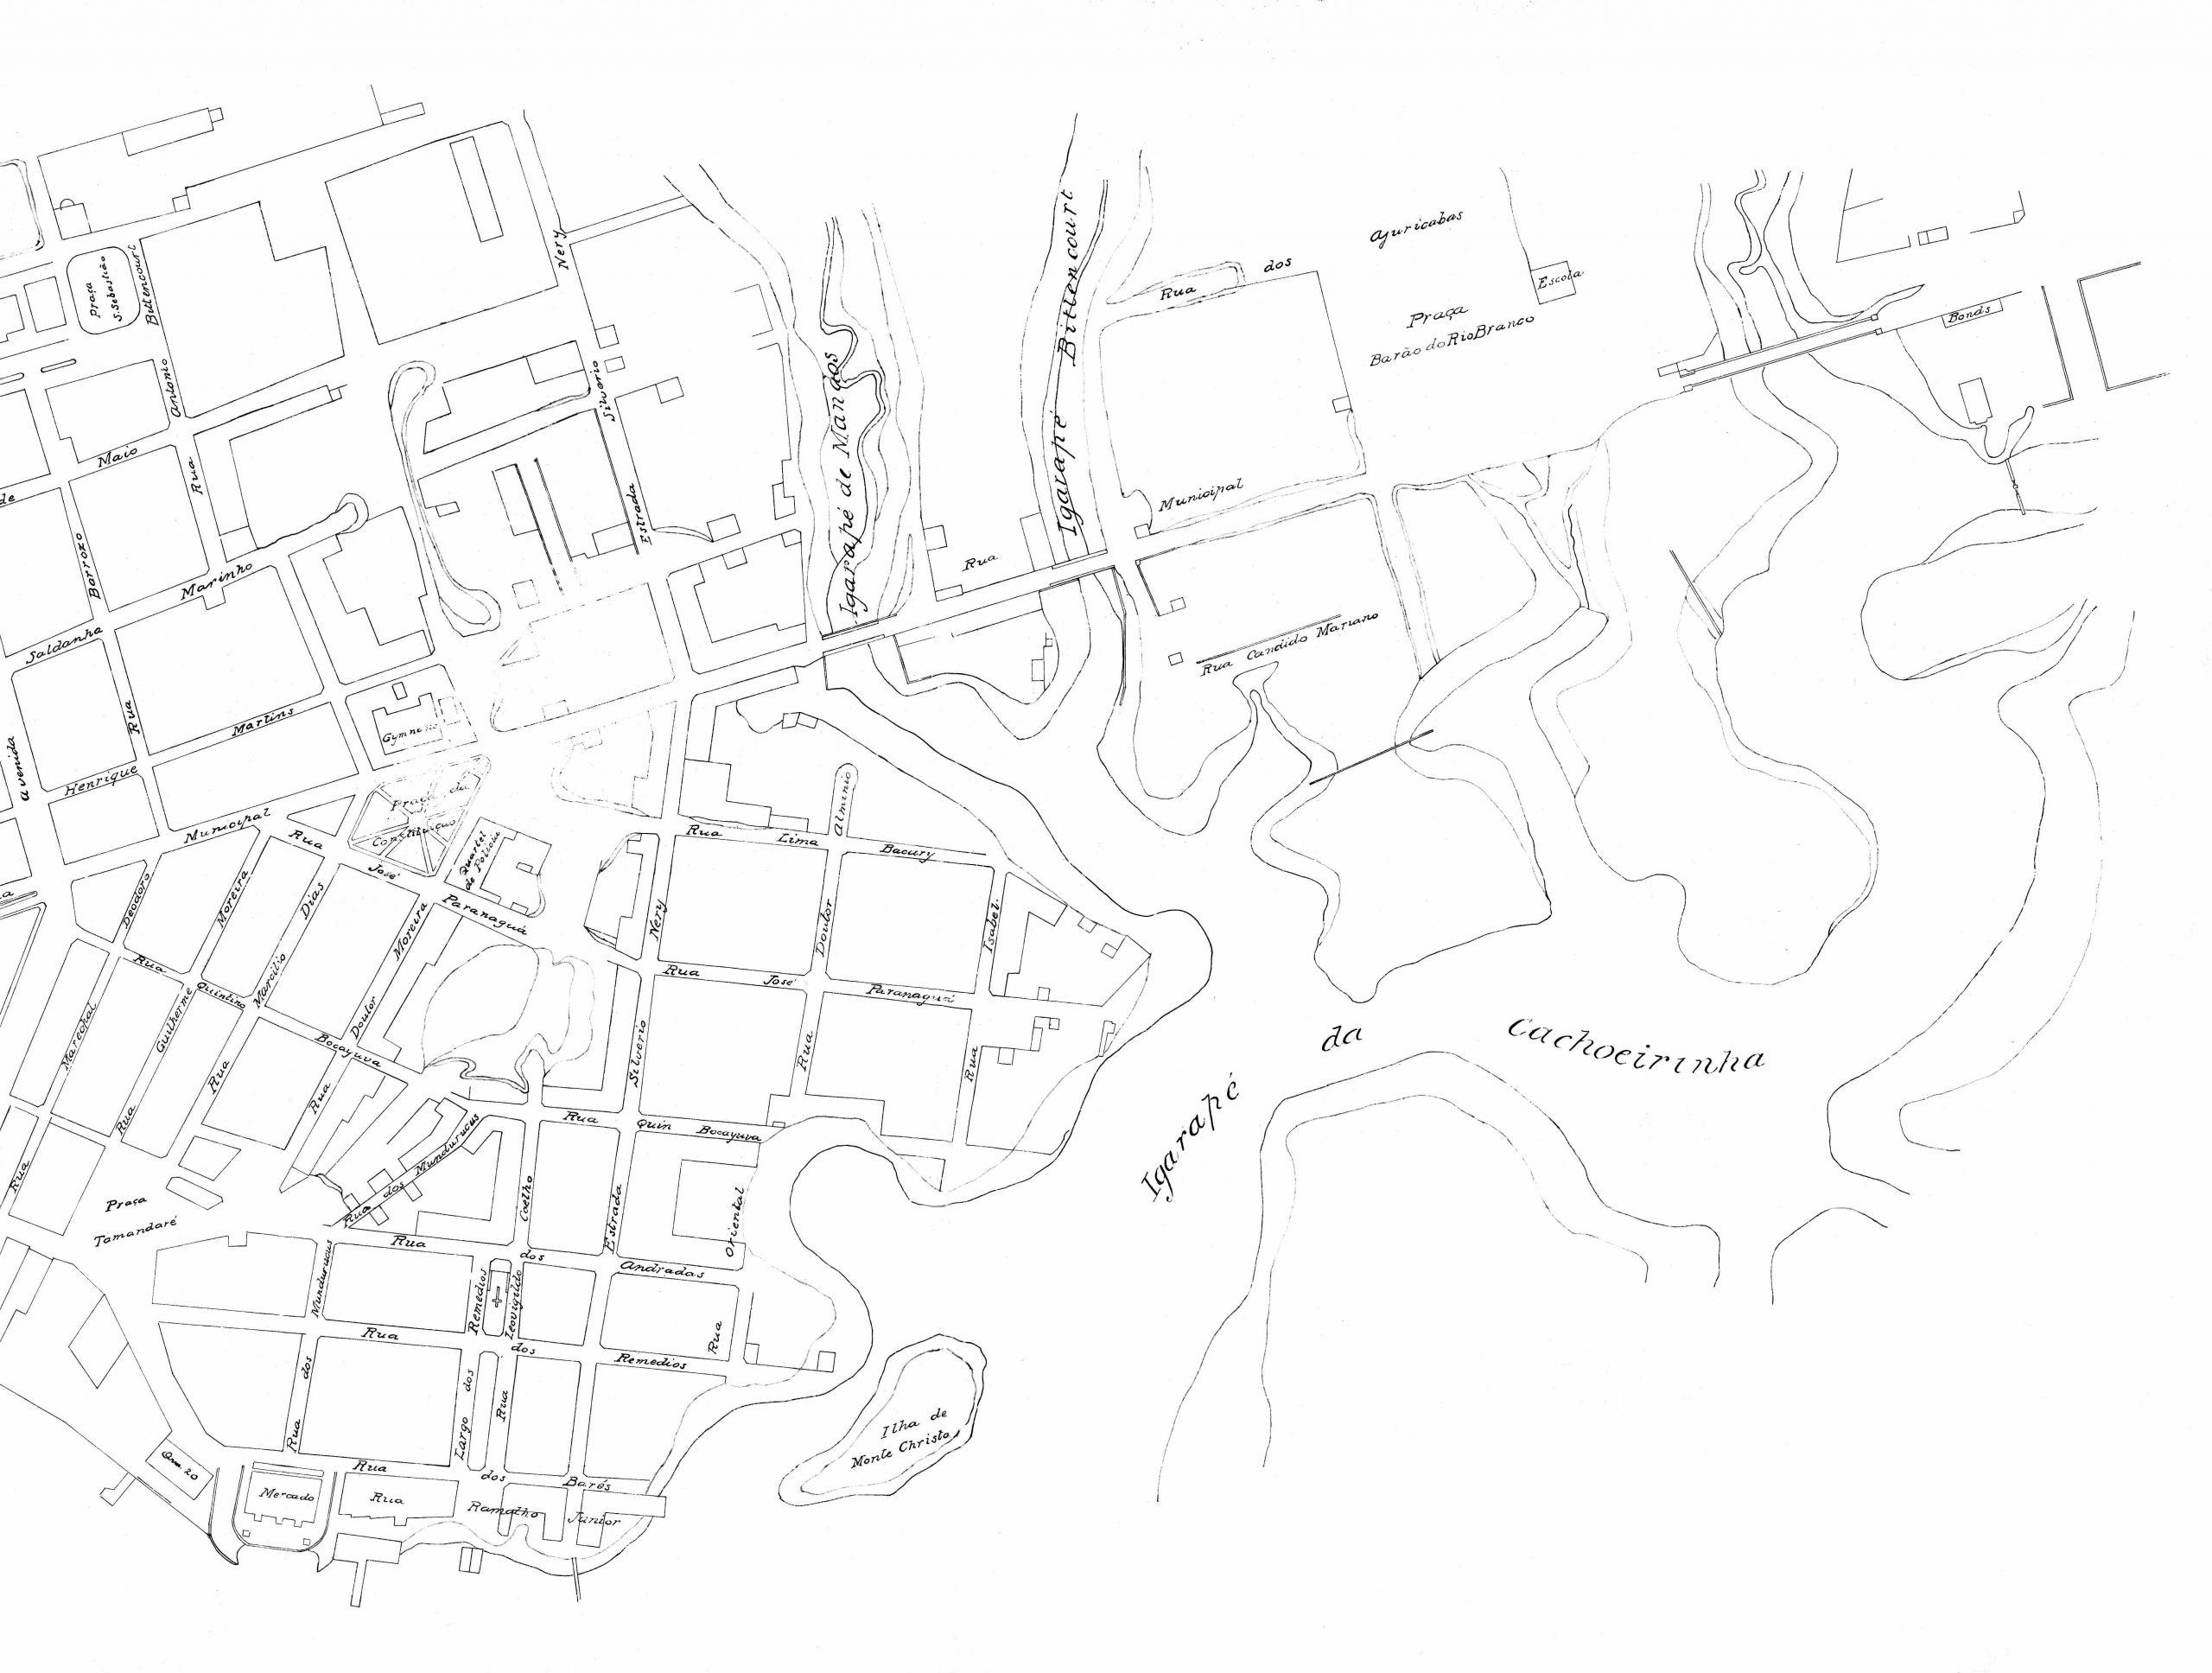 Plano de Manáos de 1913 - parte II